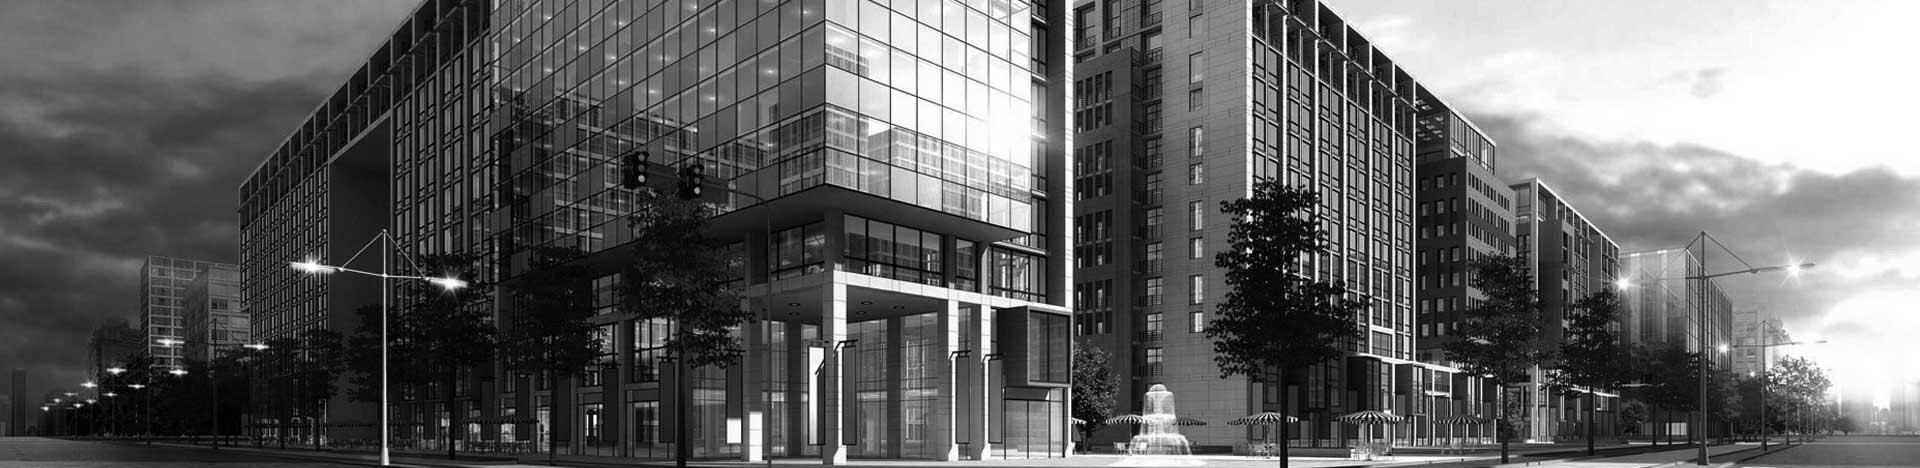 ارائه تمامی خدمات حرفهای ساختمان